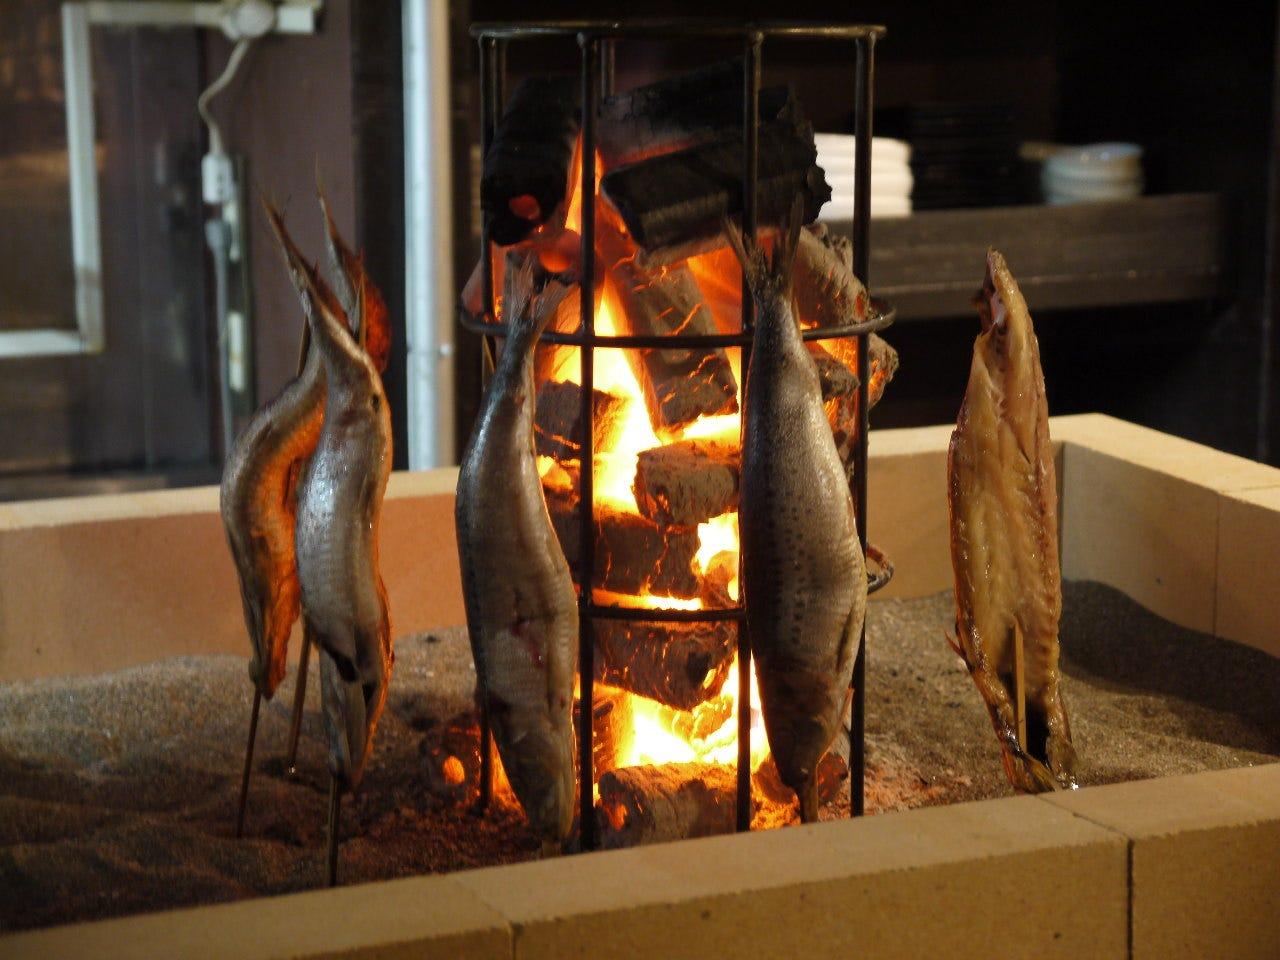 港町・八戸の魚を炭火でじっくりと焼き上げます